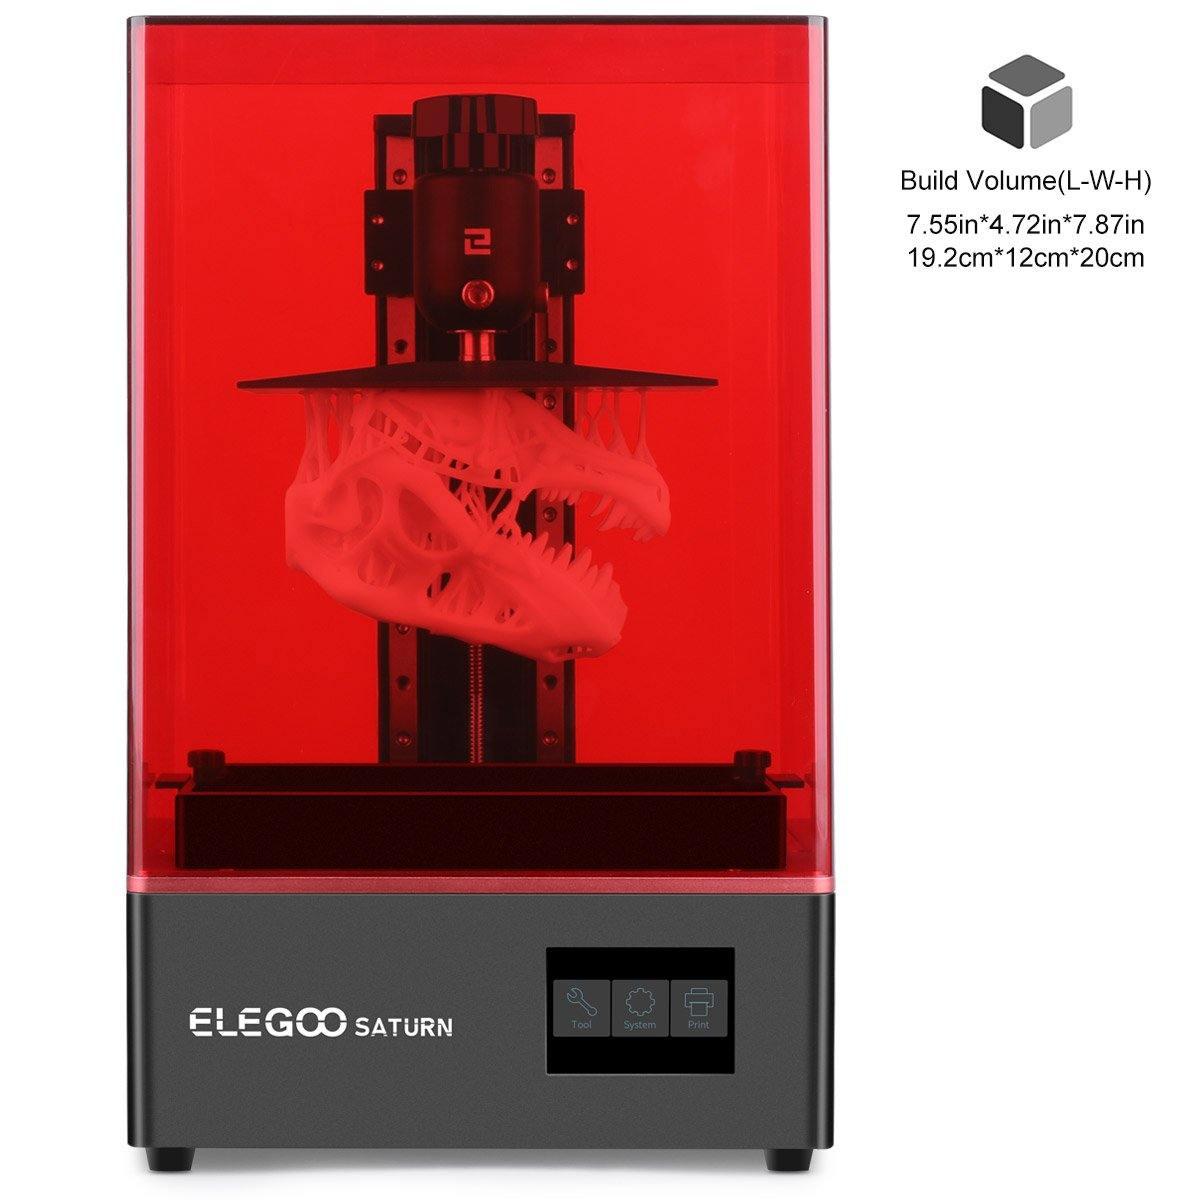 elegoo-saturn-msla-3д-принтер-с-воздушным-очистителем-купить-киев-харьков-одесса-львов-запорожье-днепр-1